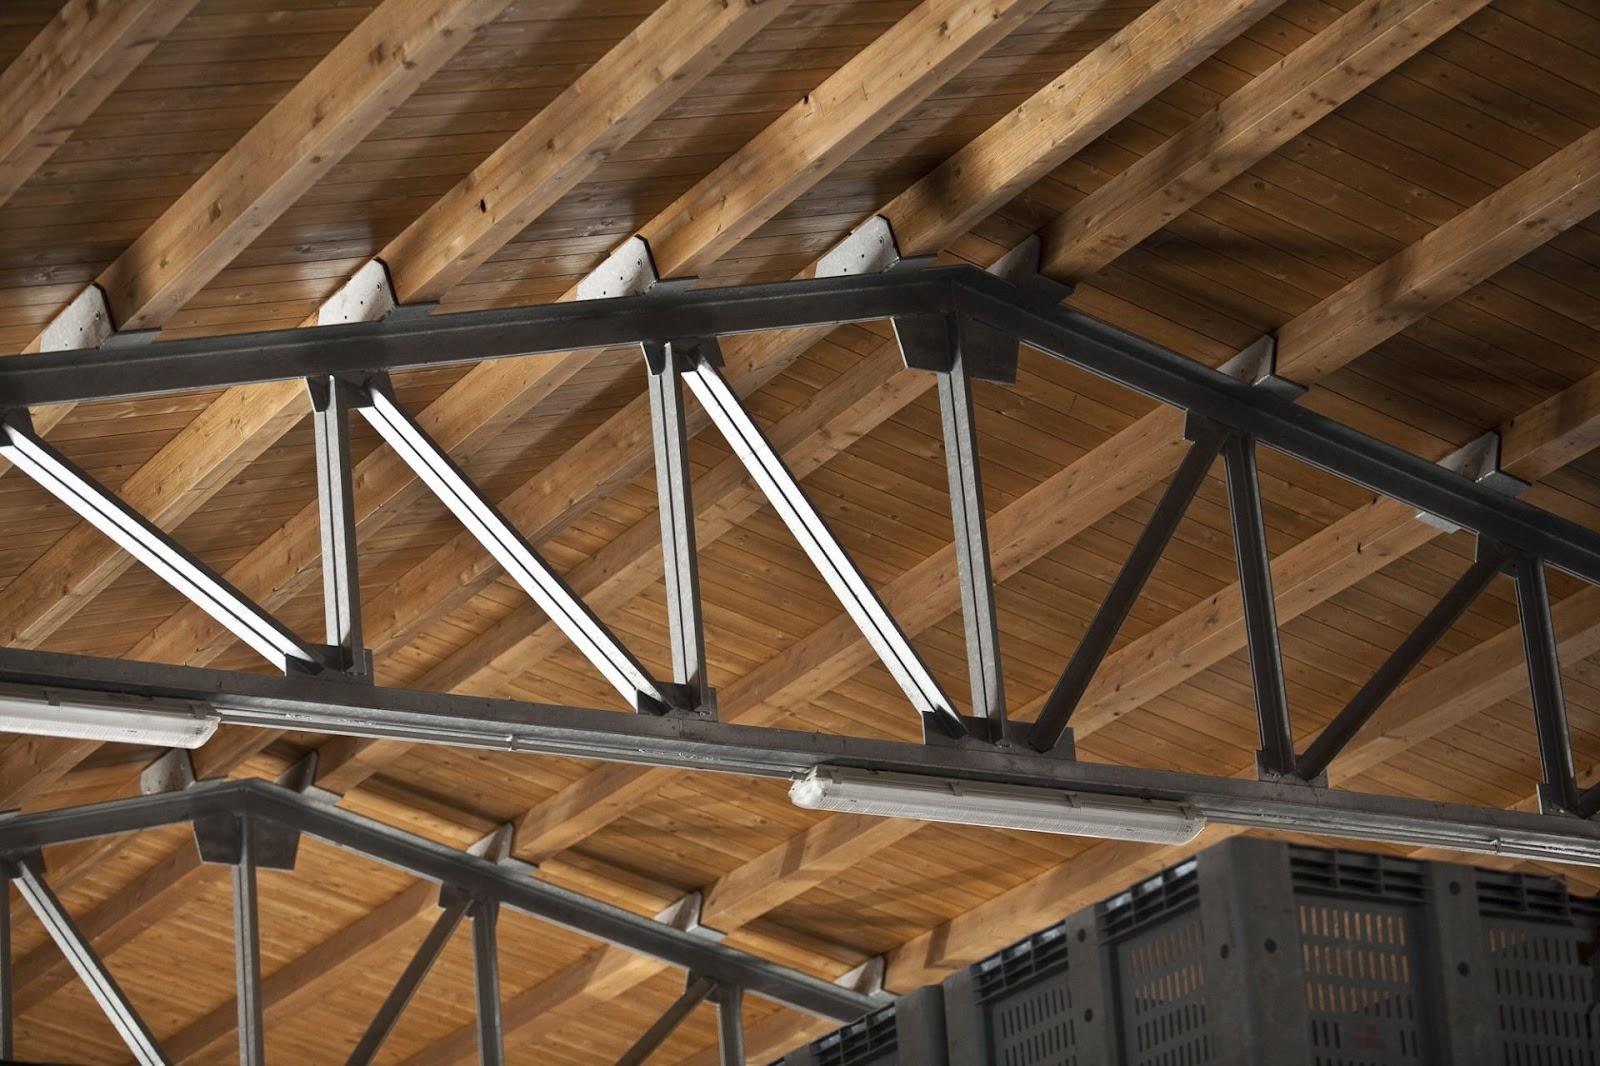 La capriata elementi costitutivi e tipologie edilizia - Struttura in ferro per casa ...